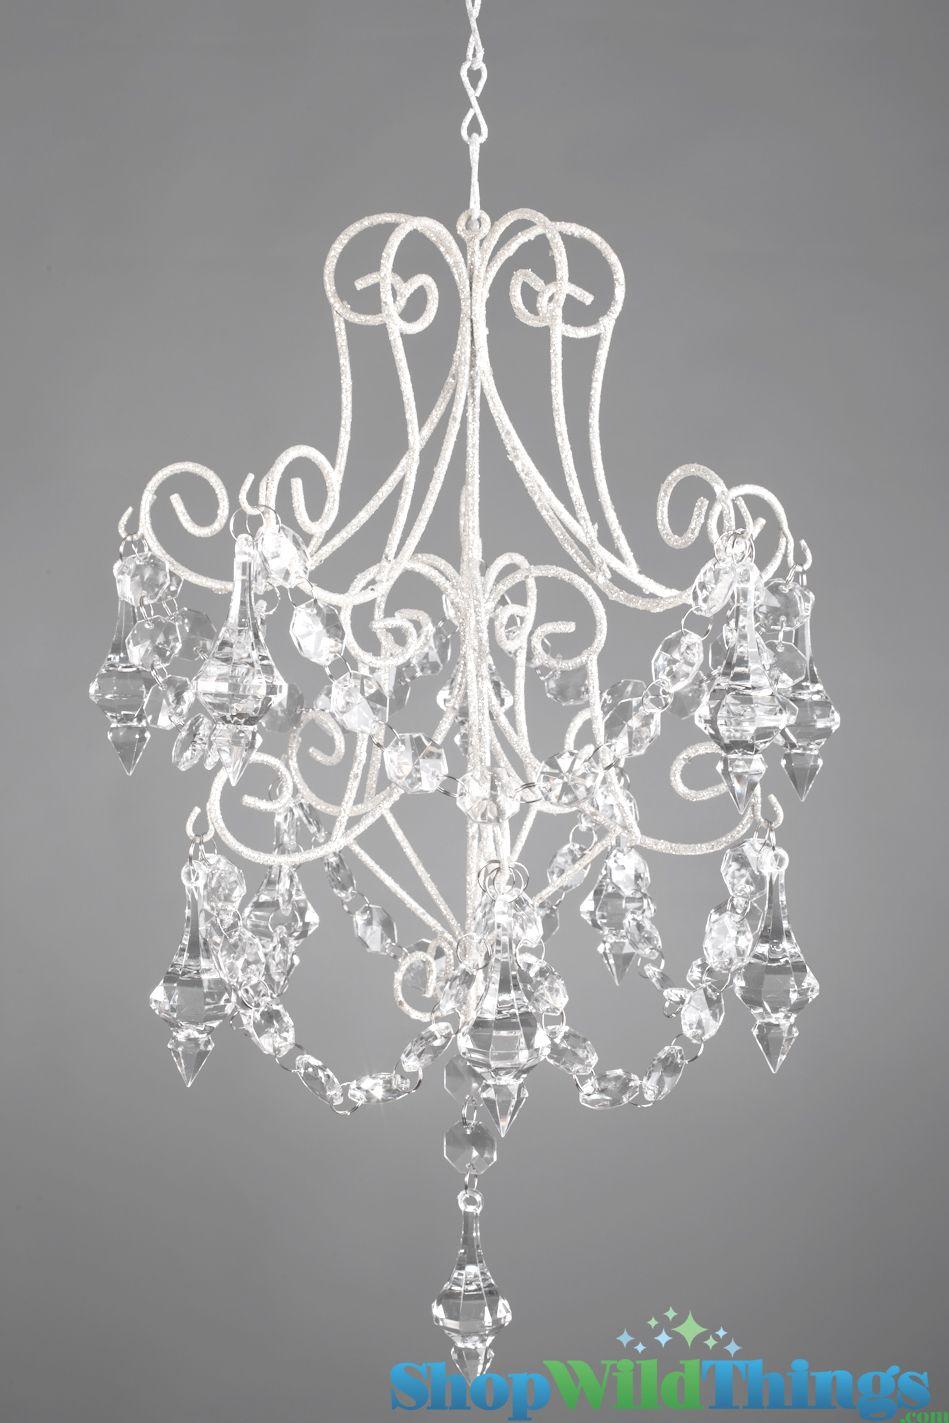 Keiki sparkling silver crystal ornament hanger chandelier frame keiki sparkling silver crystal ornament hanger chandelier frame arubaitofo Images